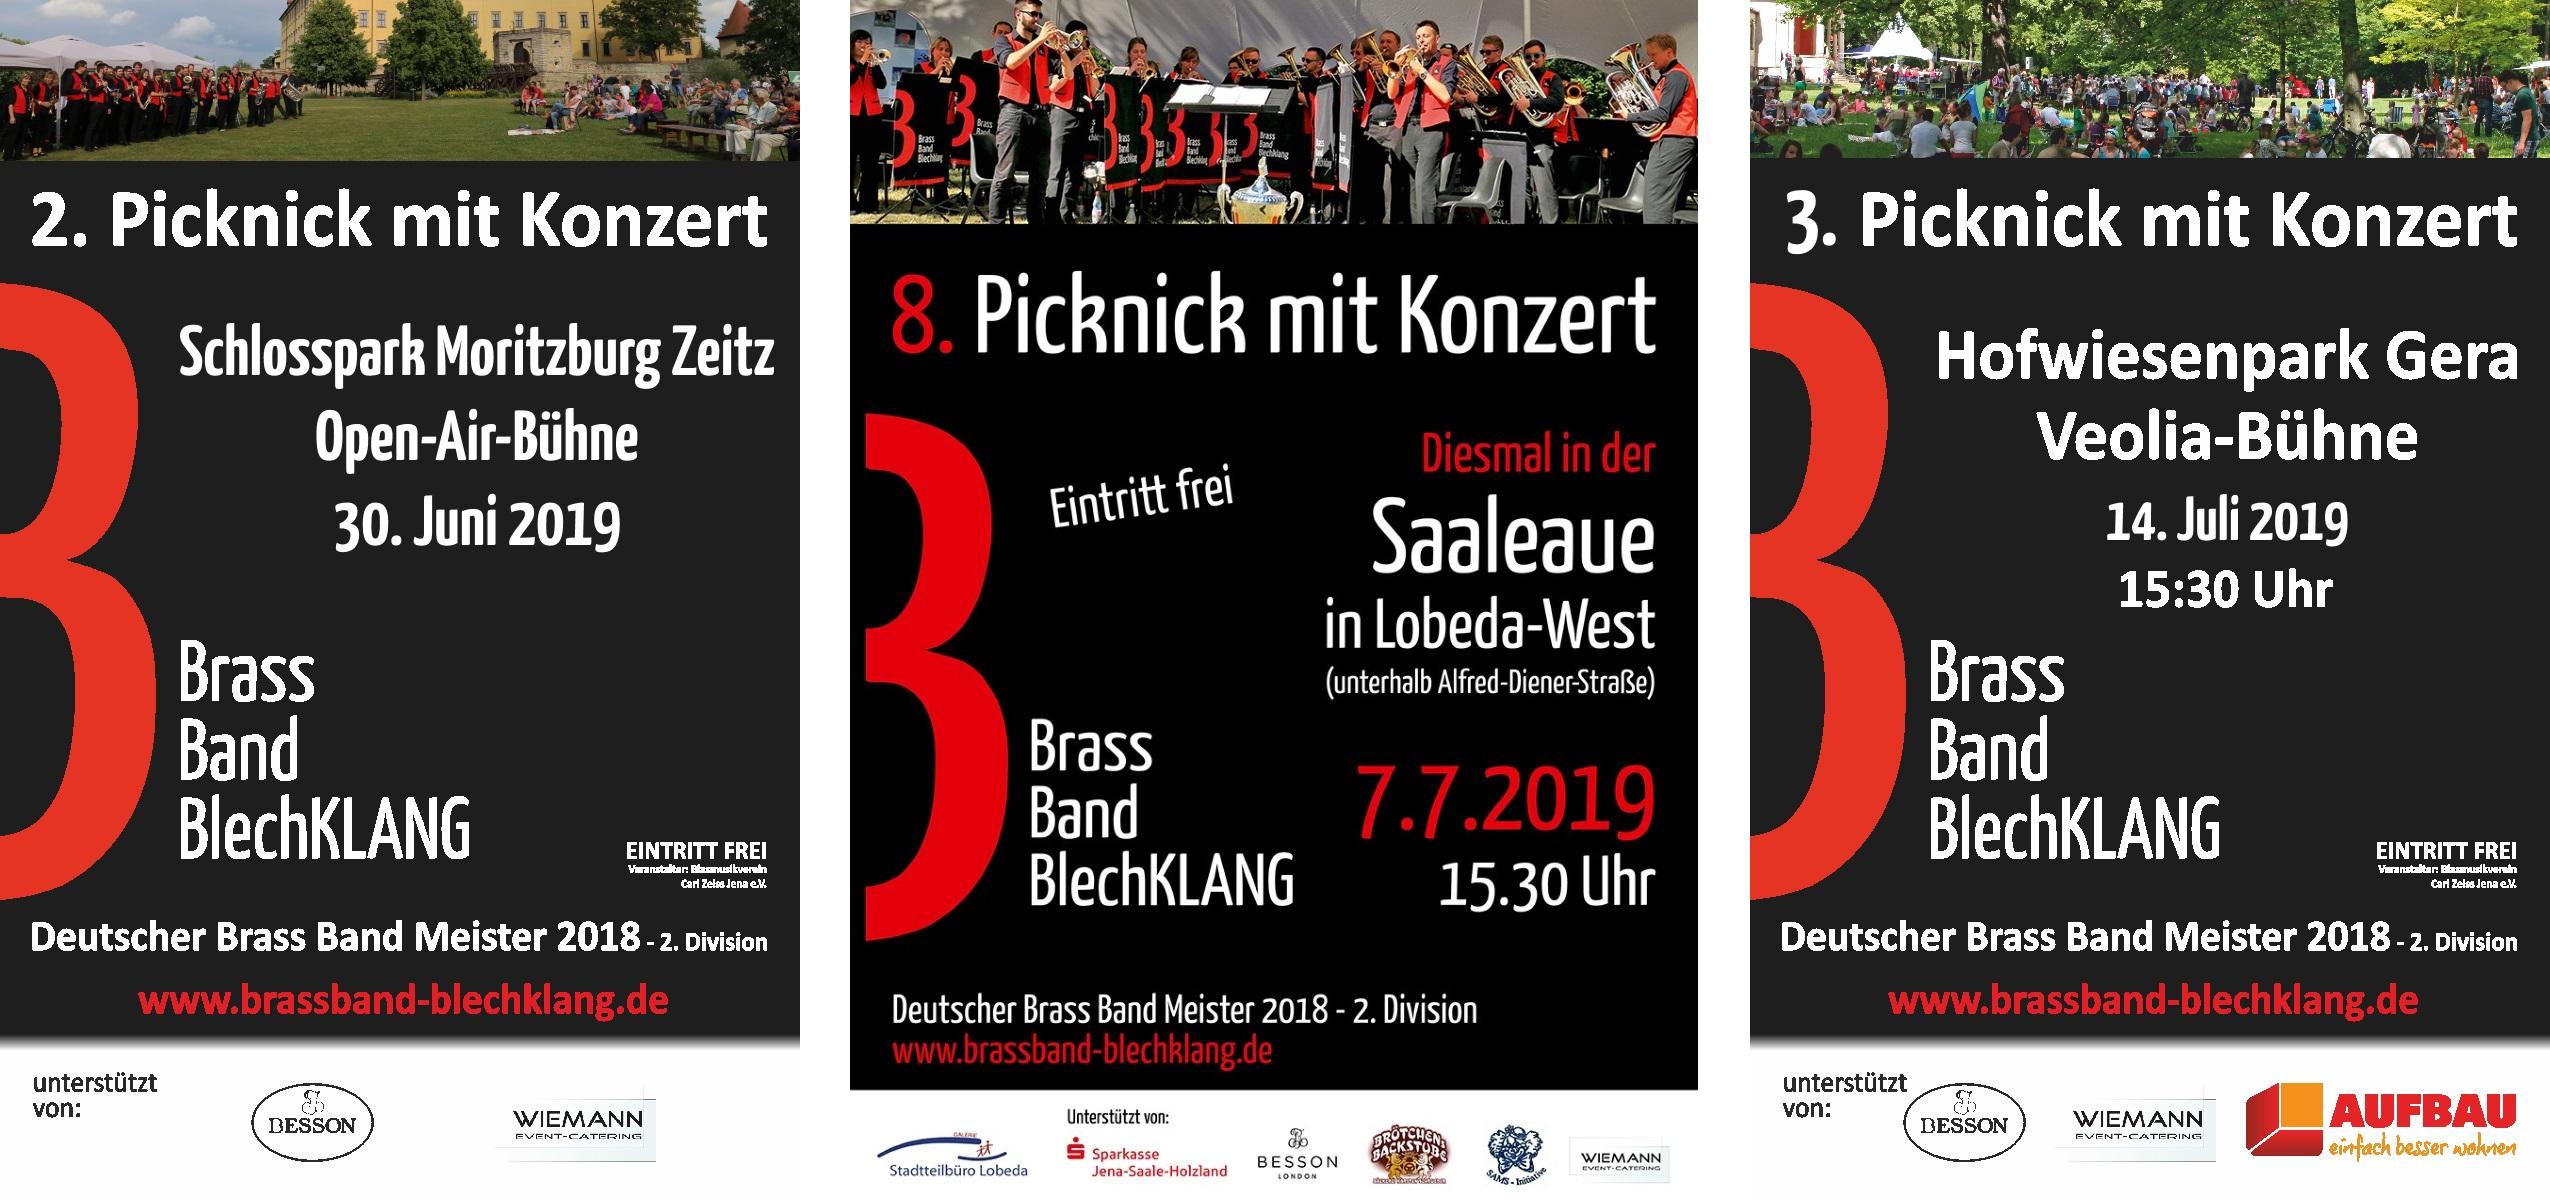 Picknickkonzerte der Brass Band BlechKLANG 2019